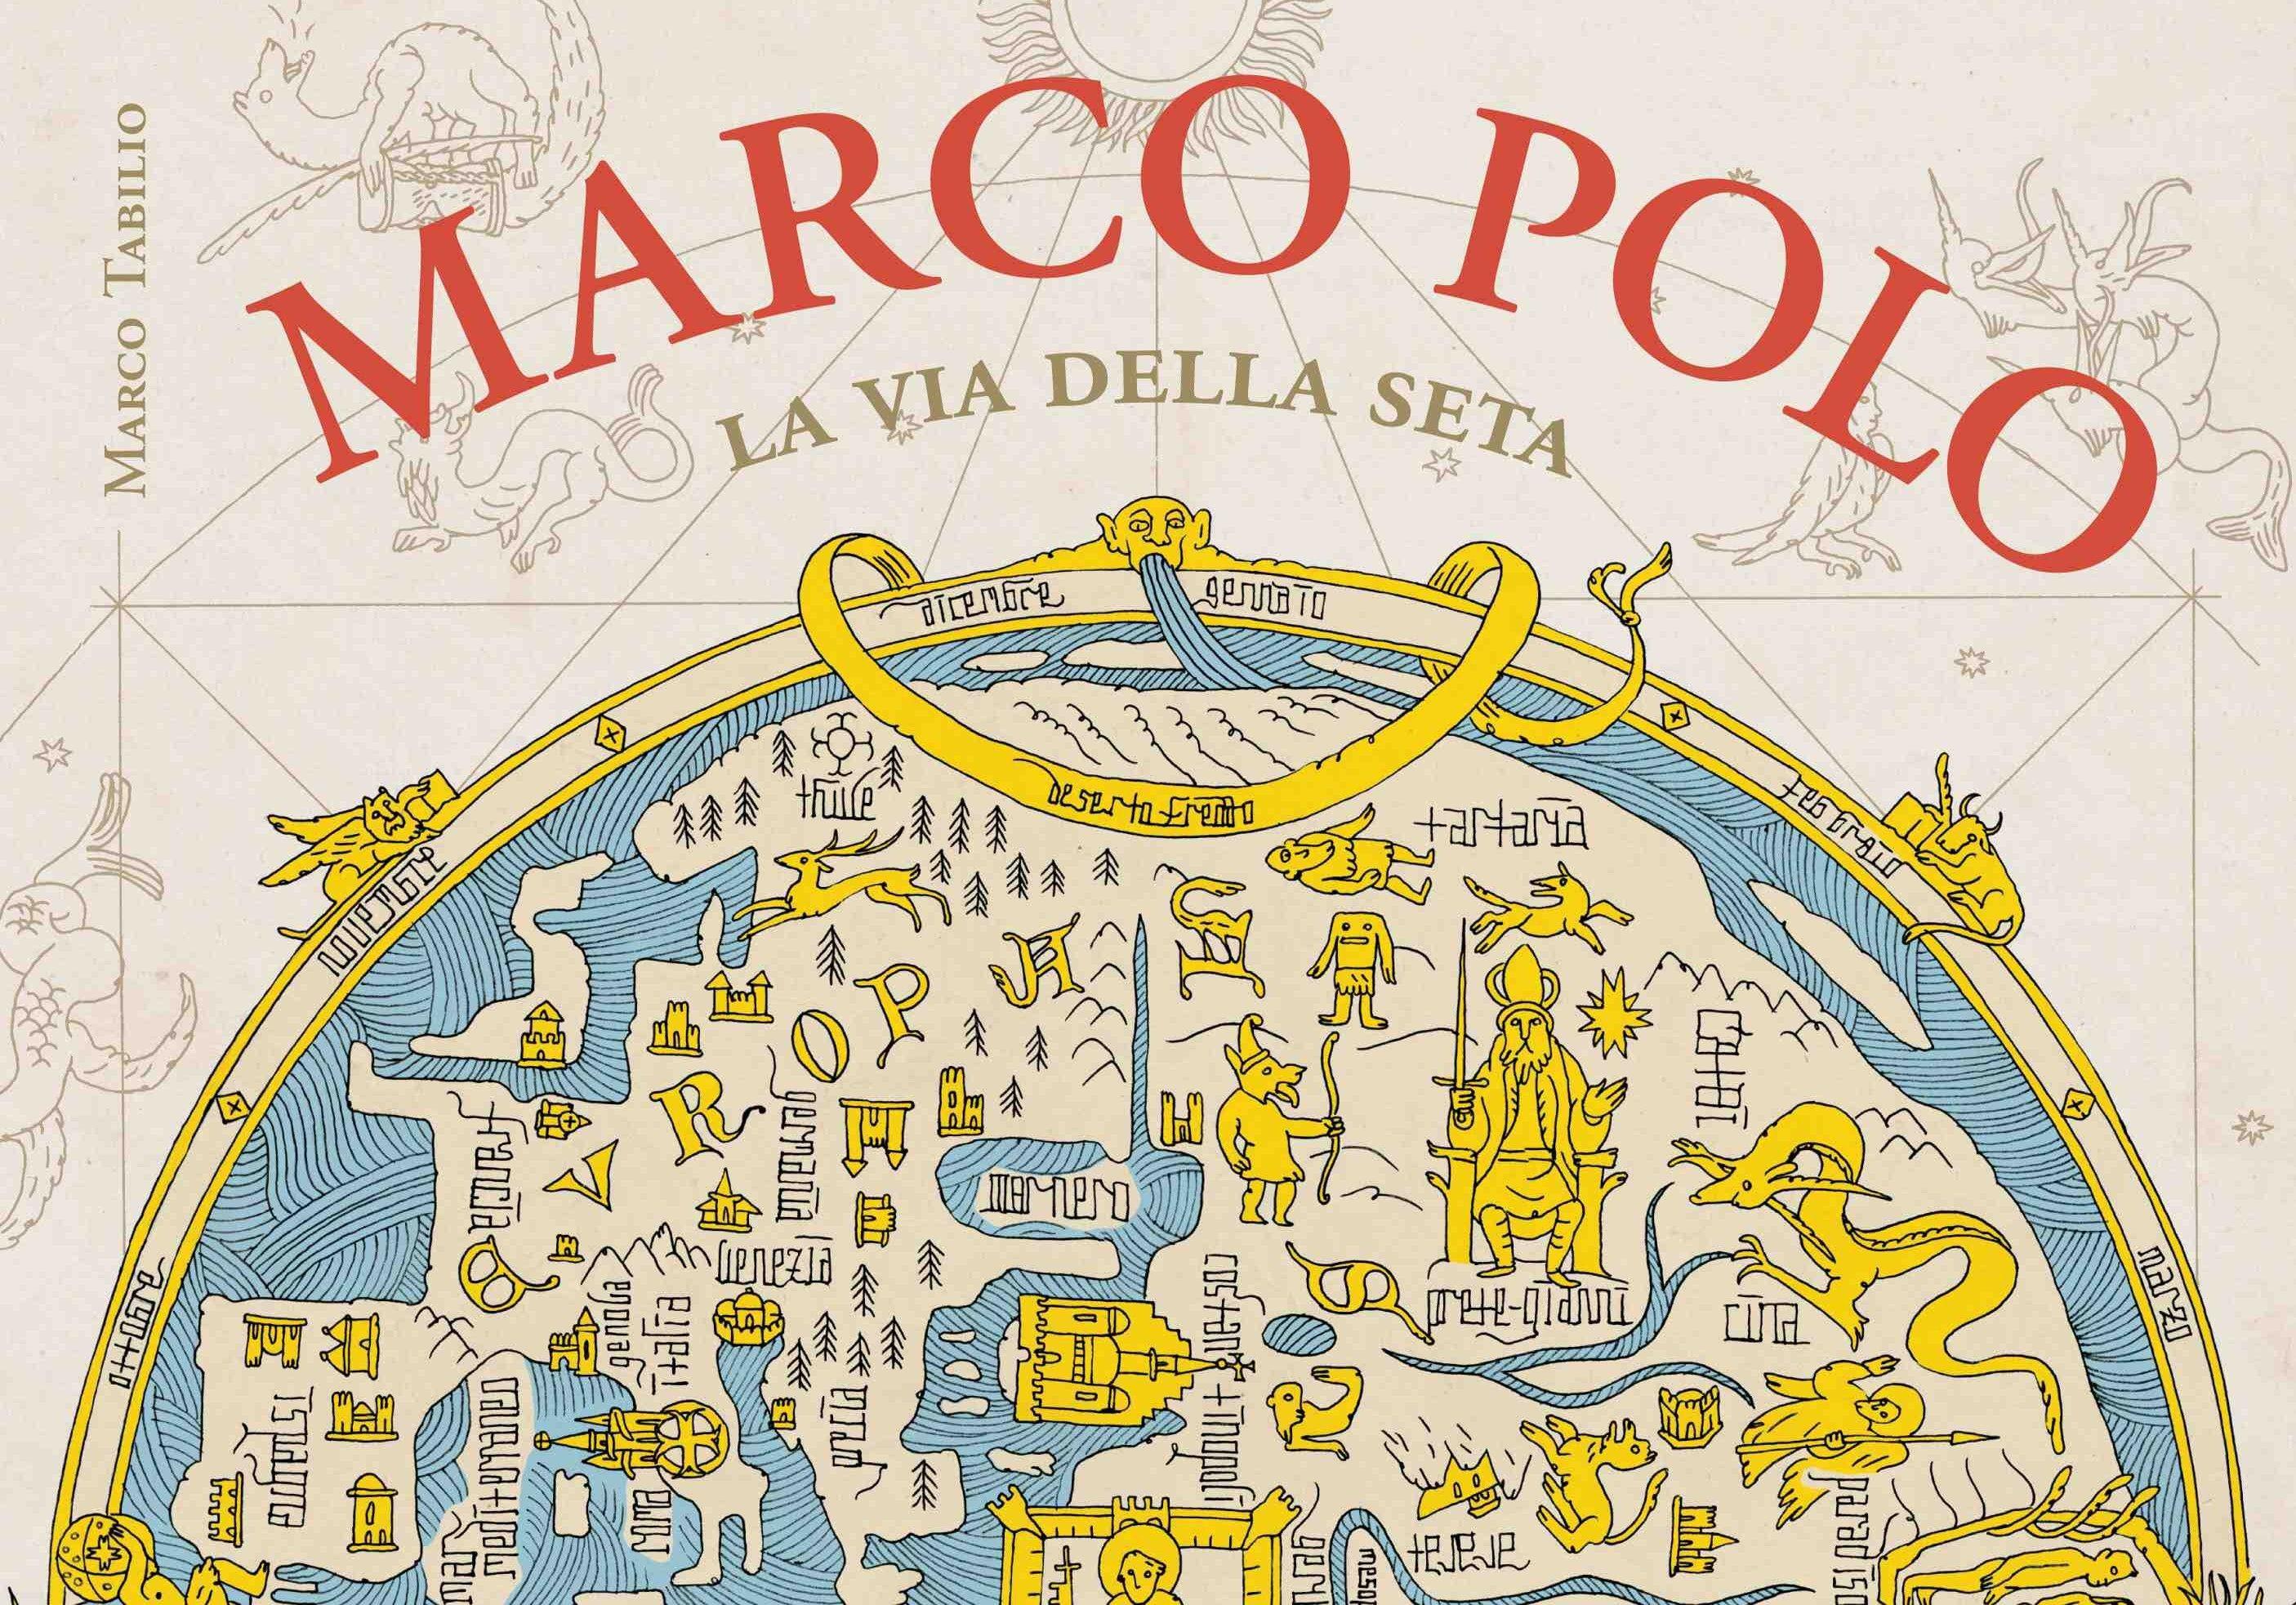 via della seta itinerario Cerca con Google Archeologia e Storia Marco Polo e la Via della Seta Pinterest